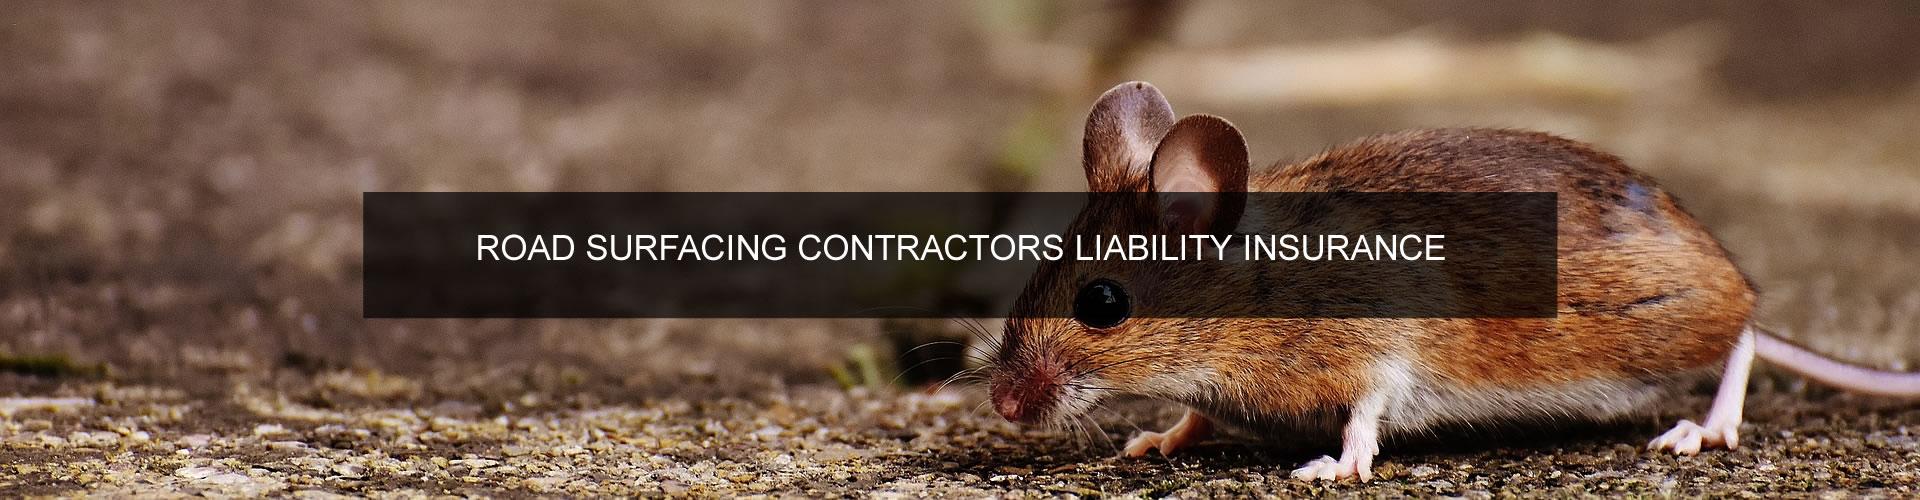 Pest Control Contractors Liability Insurance